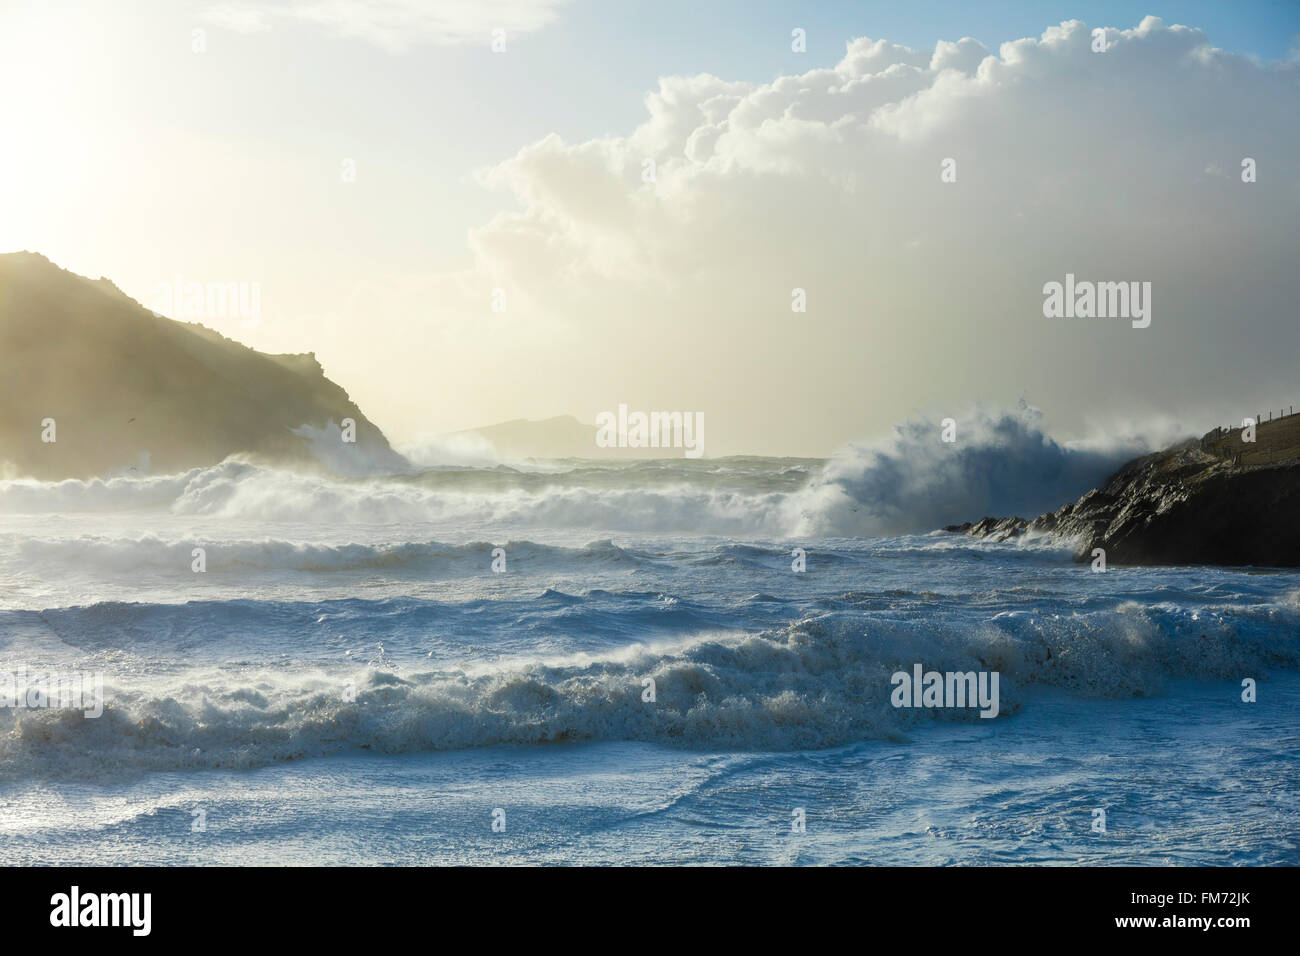 Vagues de tempête dans la baie de Clogher, péninsule de Dingle, comté de Kerry, Irlande. Banque D'Images